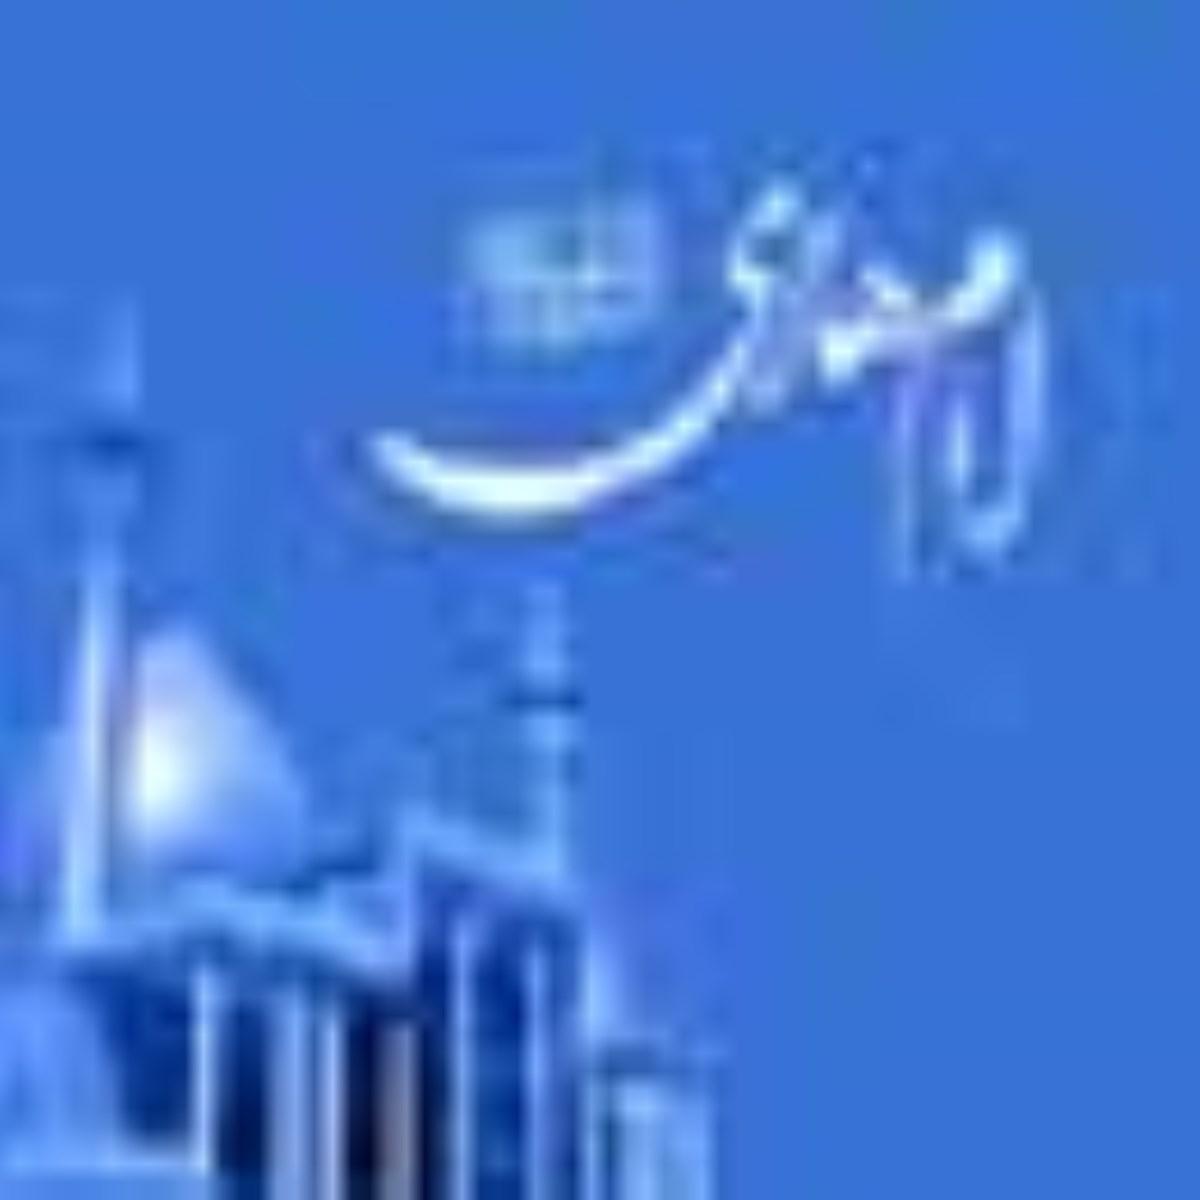 چگونگي مواجهه امام هادي(علیه السلام) با خلفاي عباسي